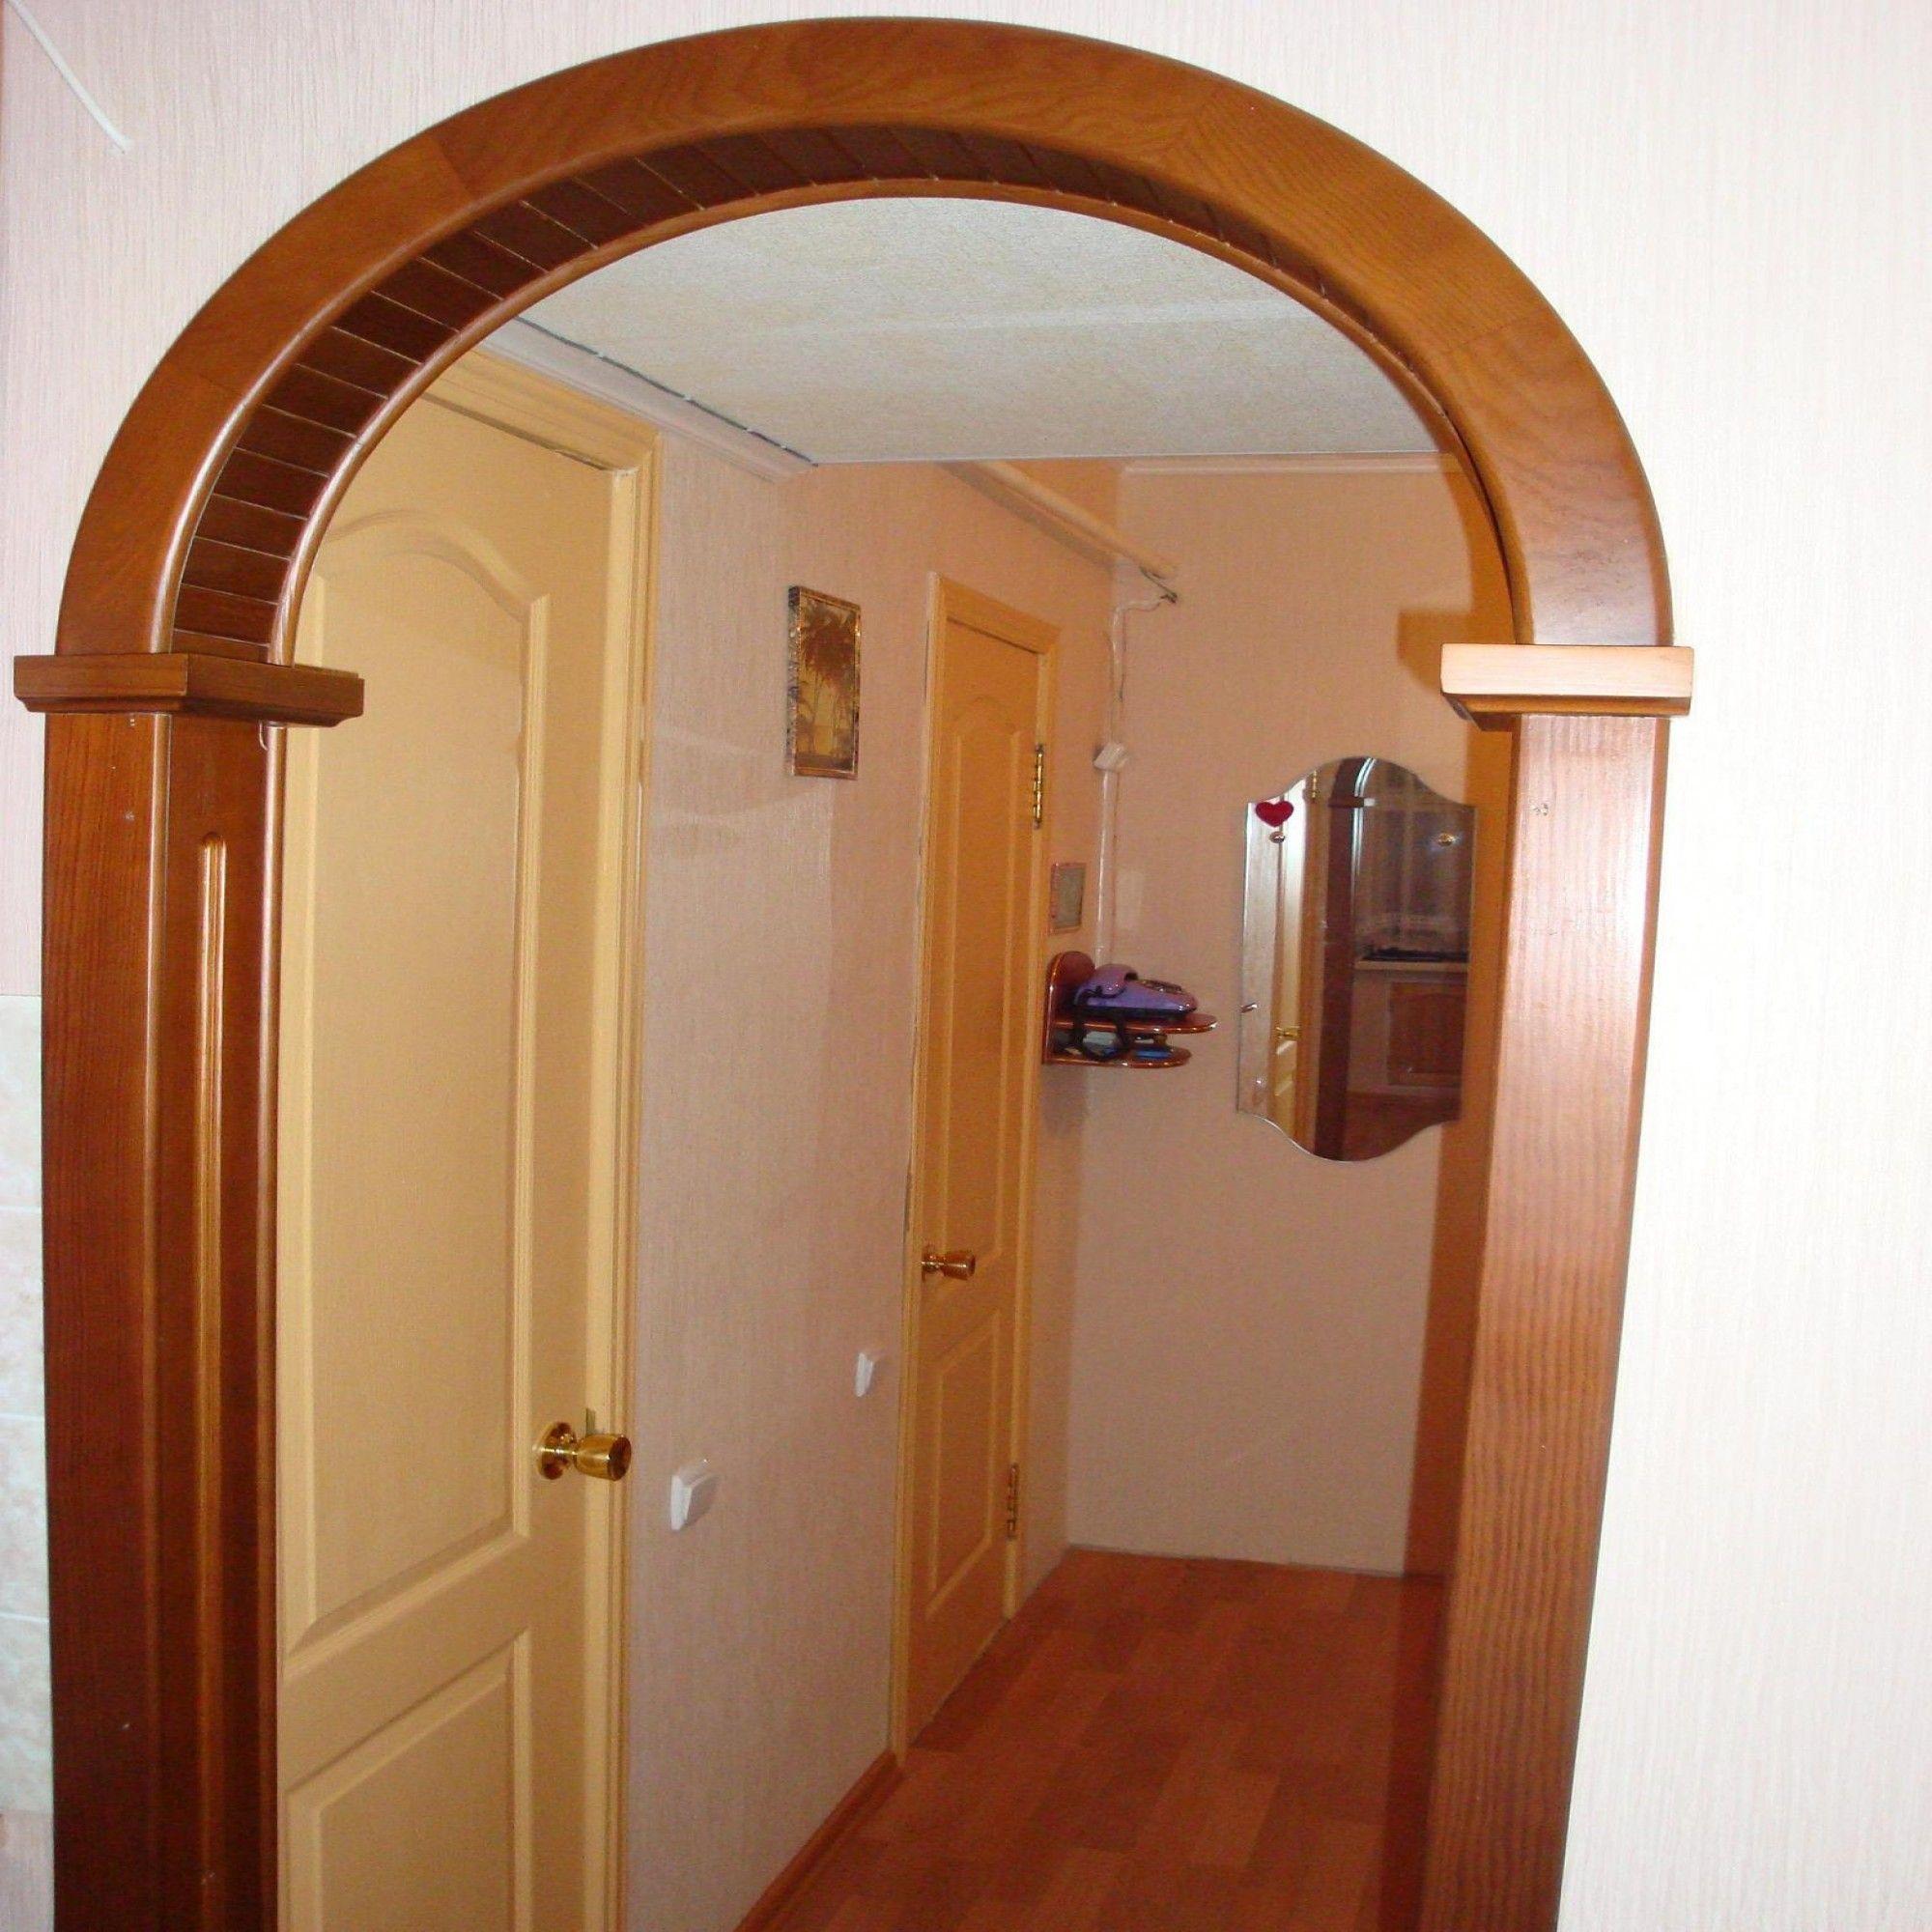 кемера самом дверные проемы с дверью фото под органайзером